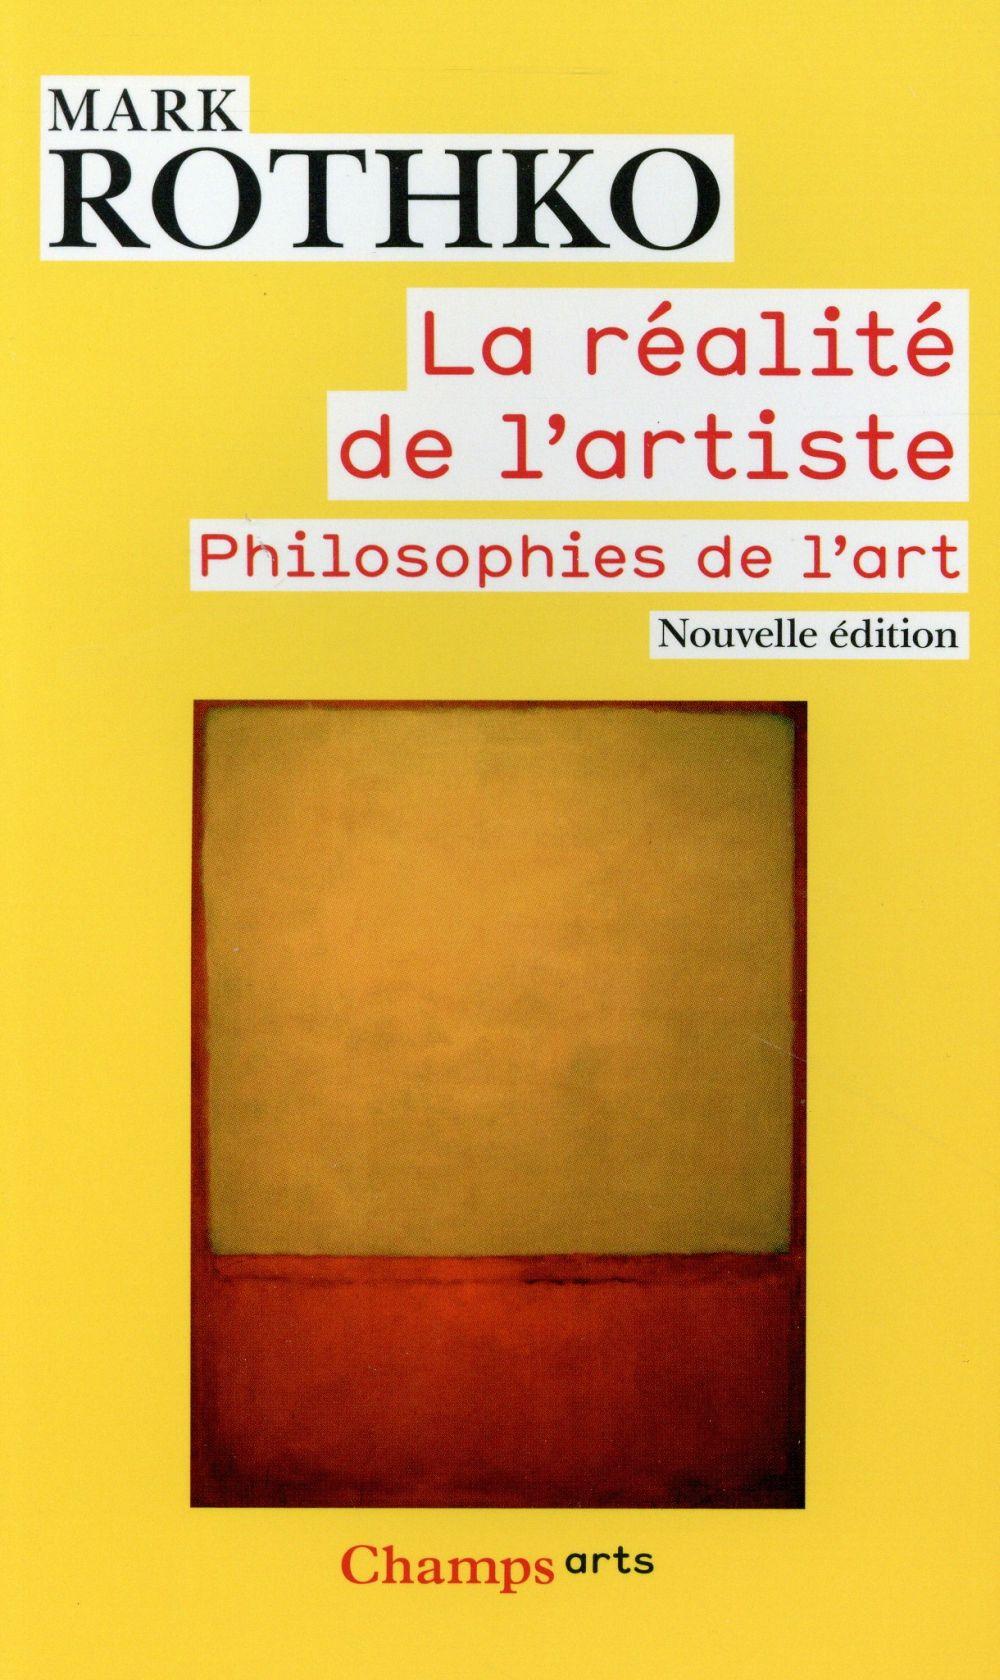 LA REALITE DE L'ARTISTE - EDITION ET INTRODUCTION DE CHRISTOPHER ROTHKO